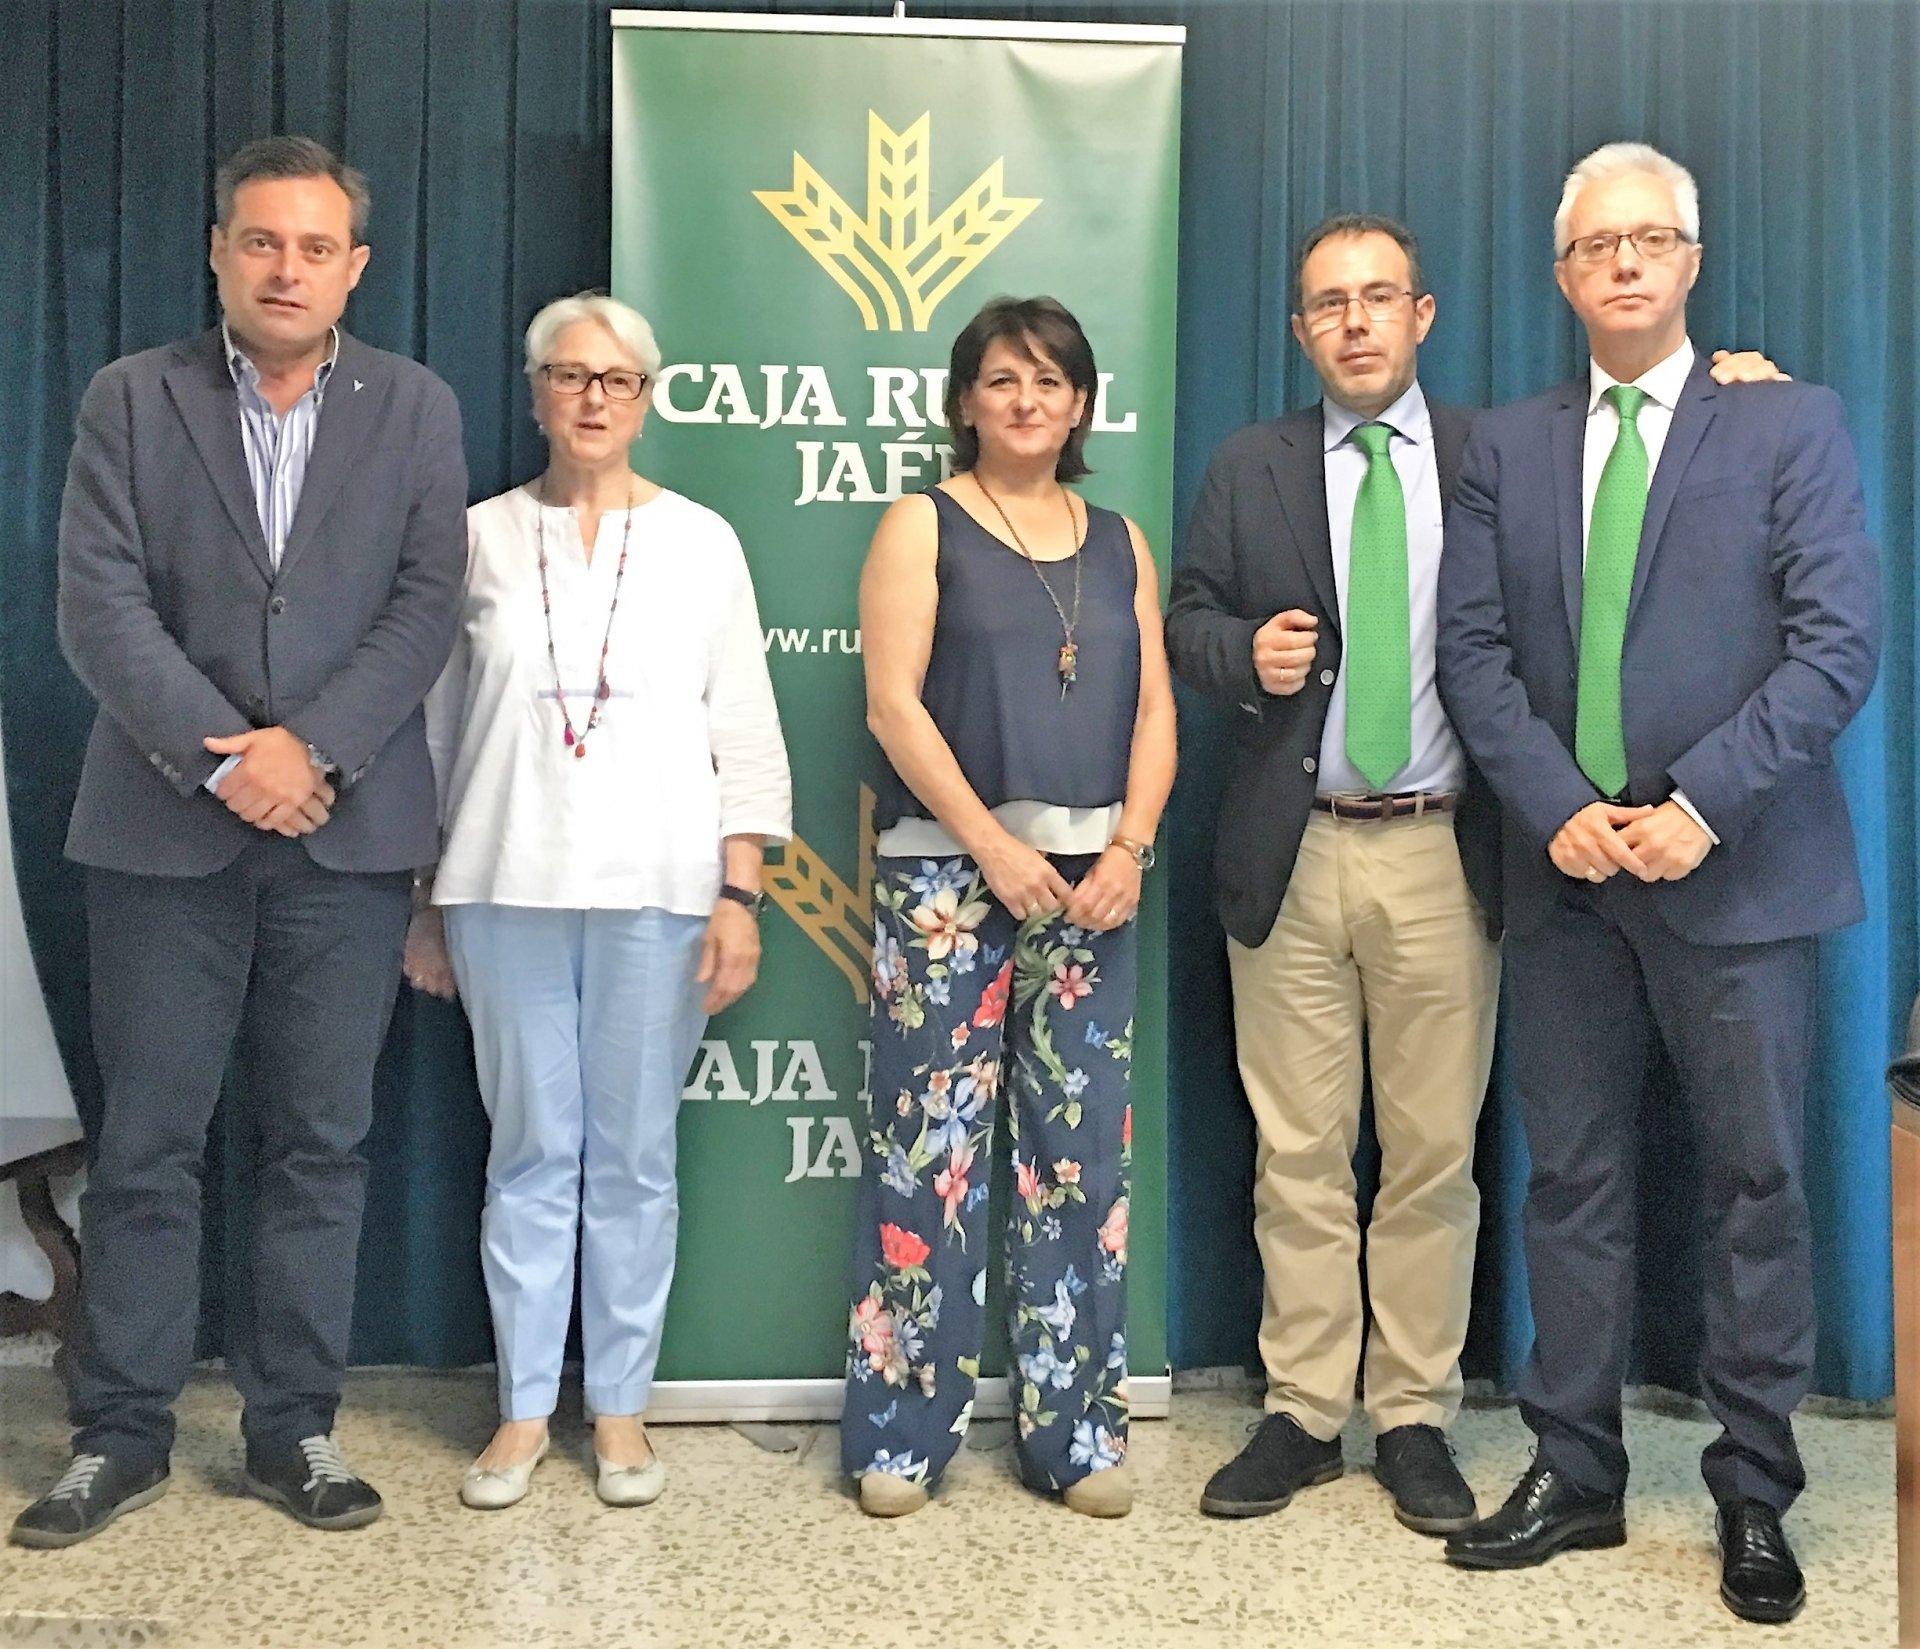 Caja Rural di Jaén: la prossima campagna olearia sarà sensibilmente superiore a quella appena conclusa